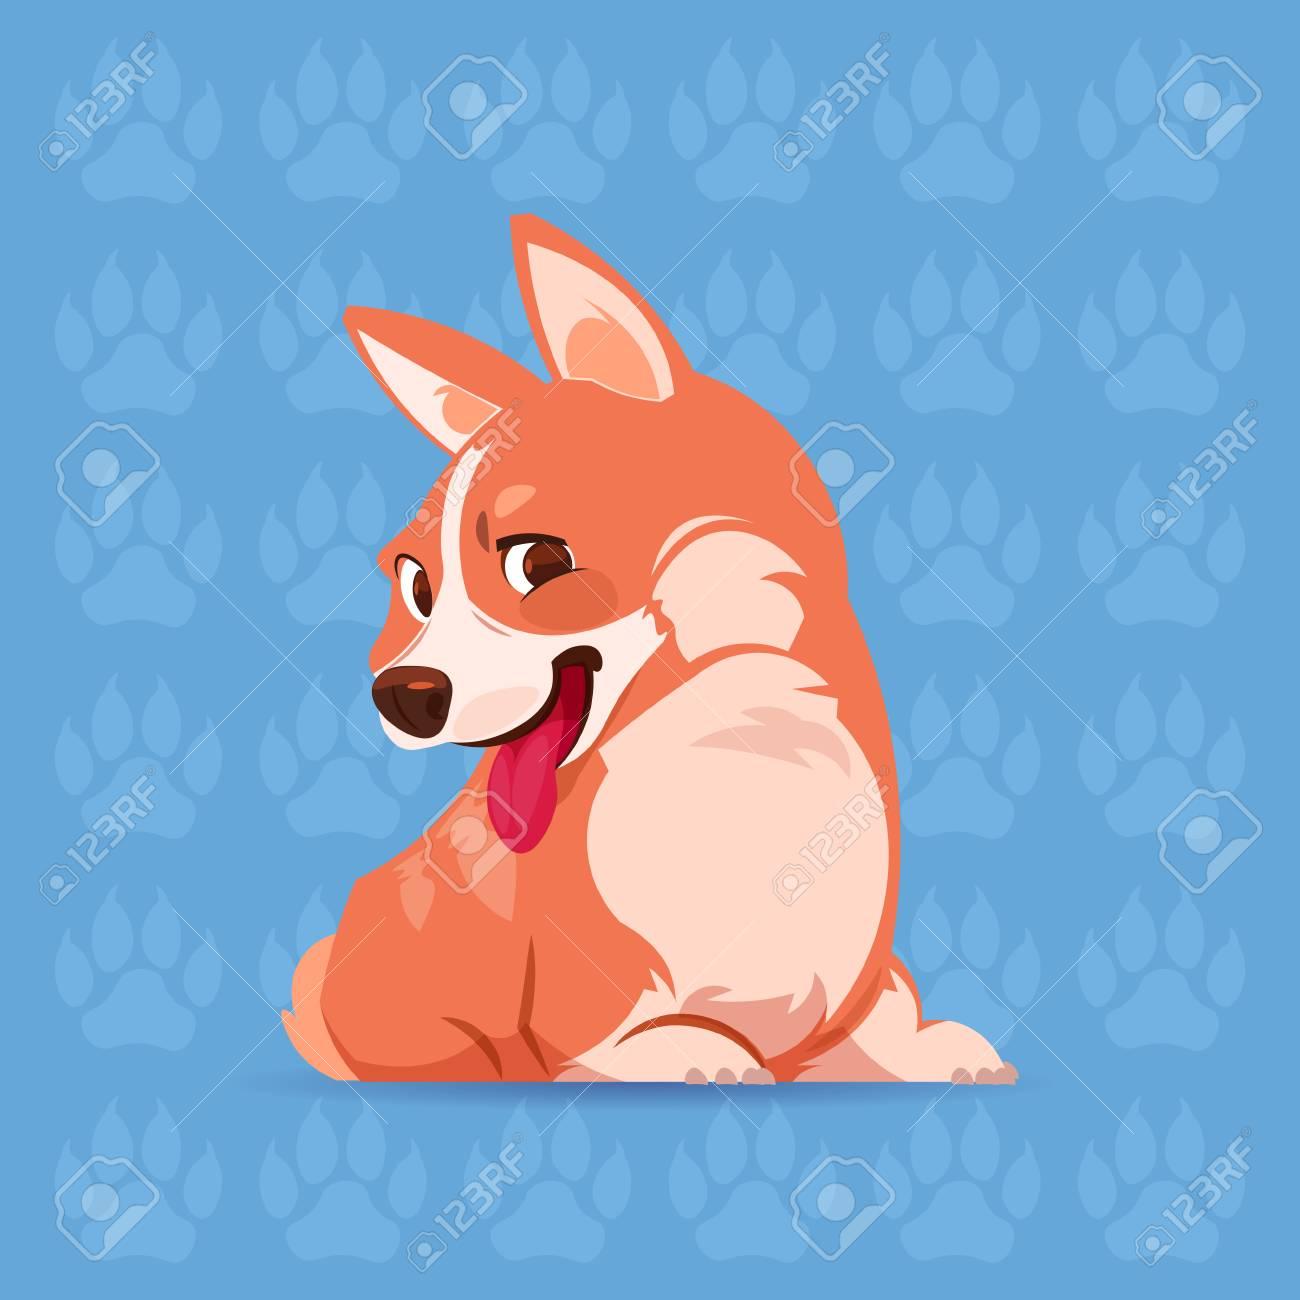 Perro Corgi Dibujos Animados Feliz Sentado Sobre Fondo De Huellas